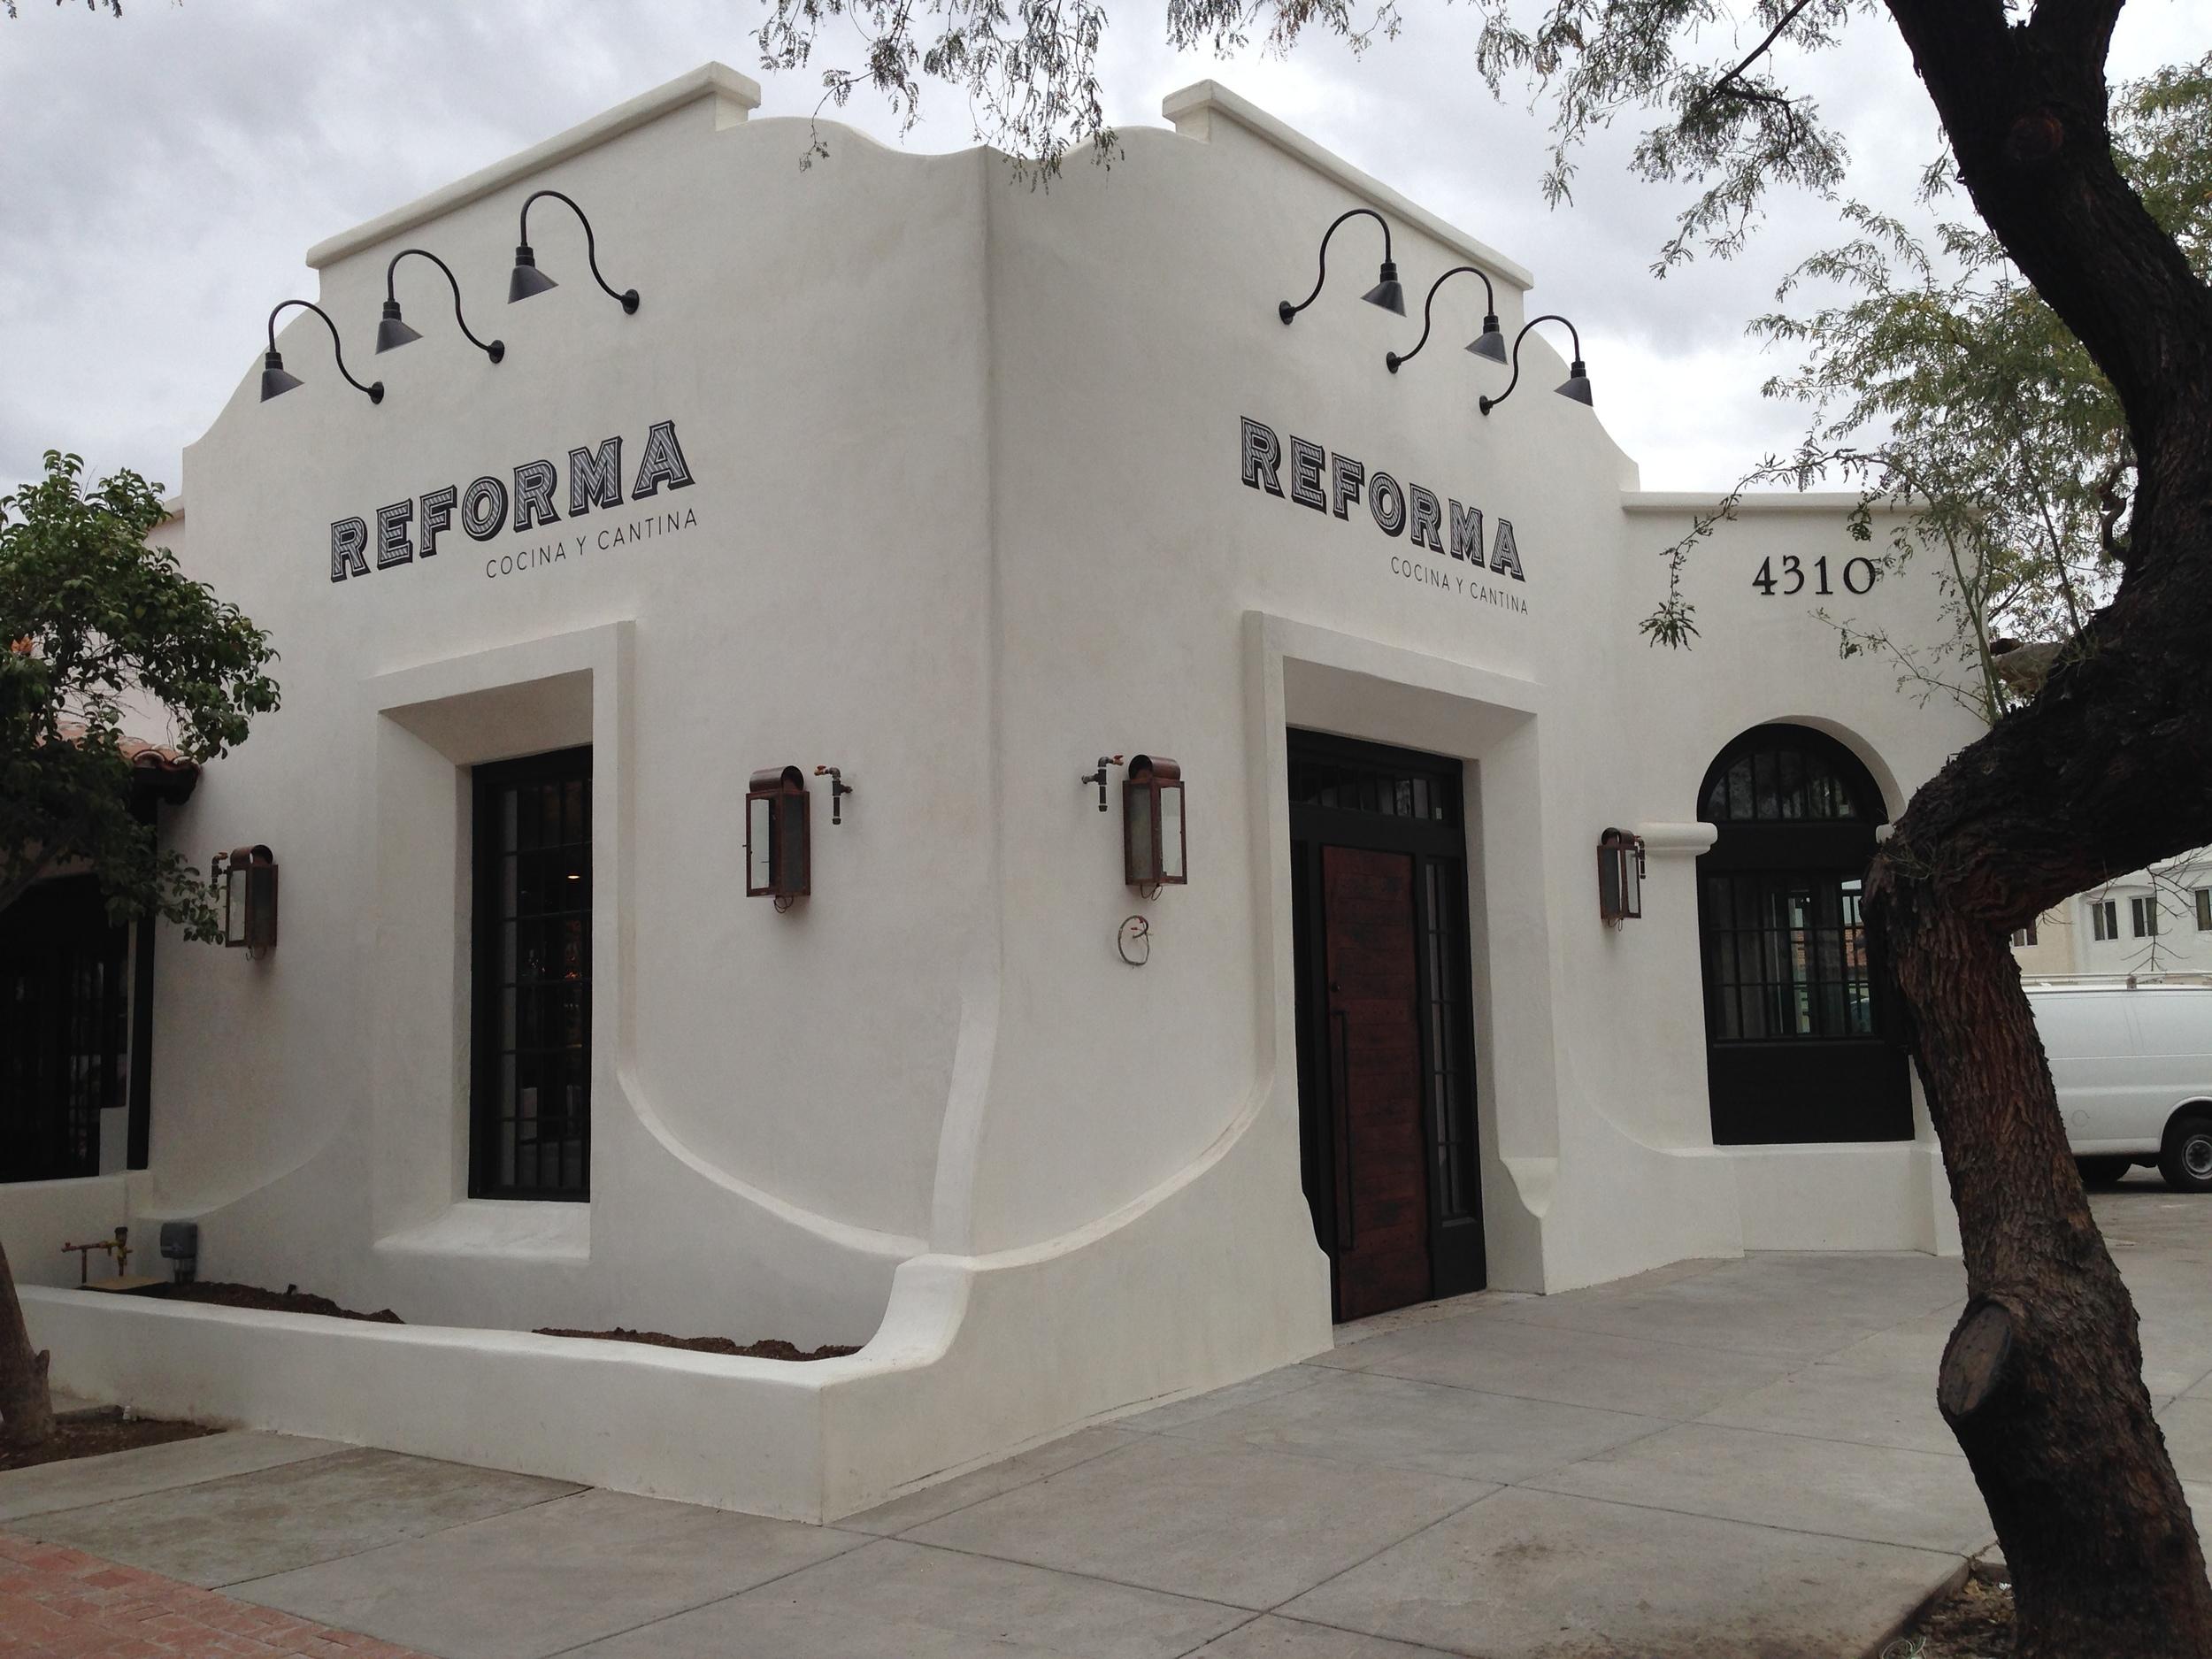 Reforma St. Philips Plaza Tucson, Arizona